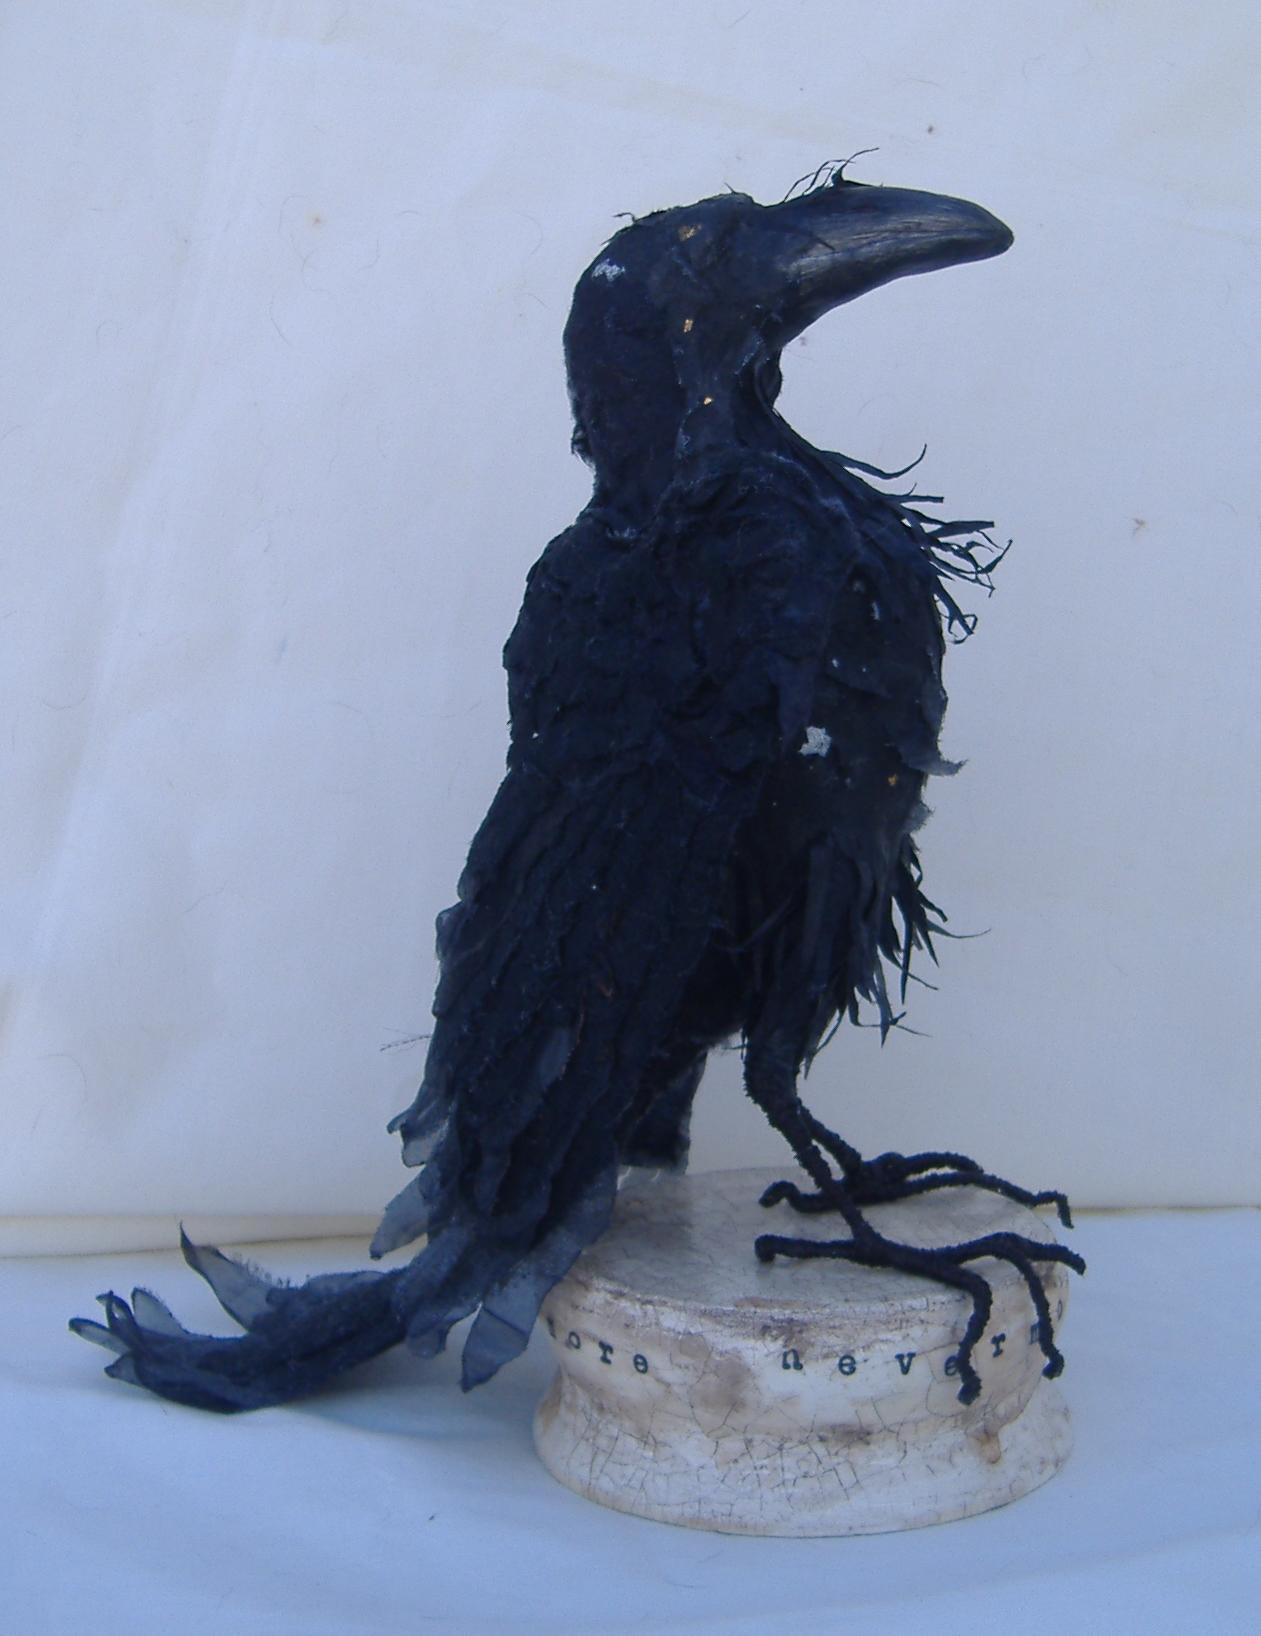 17865 || 3456 || mr raven nevermore